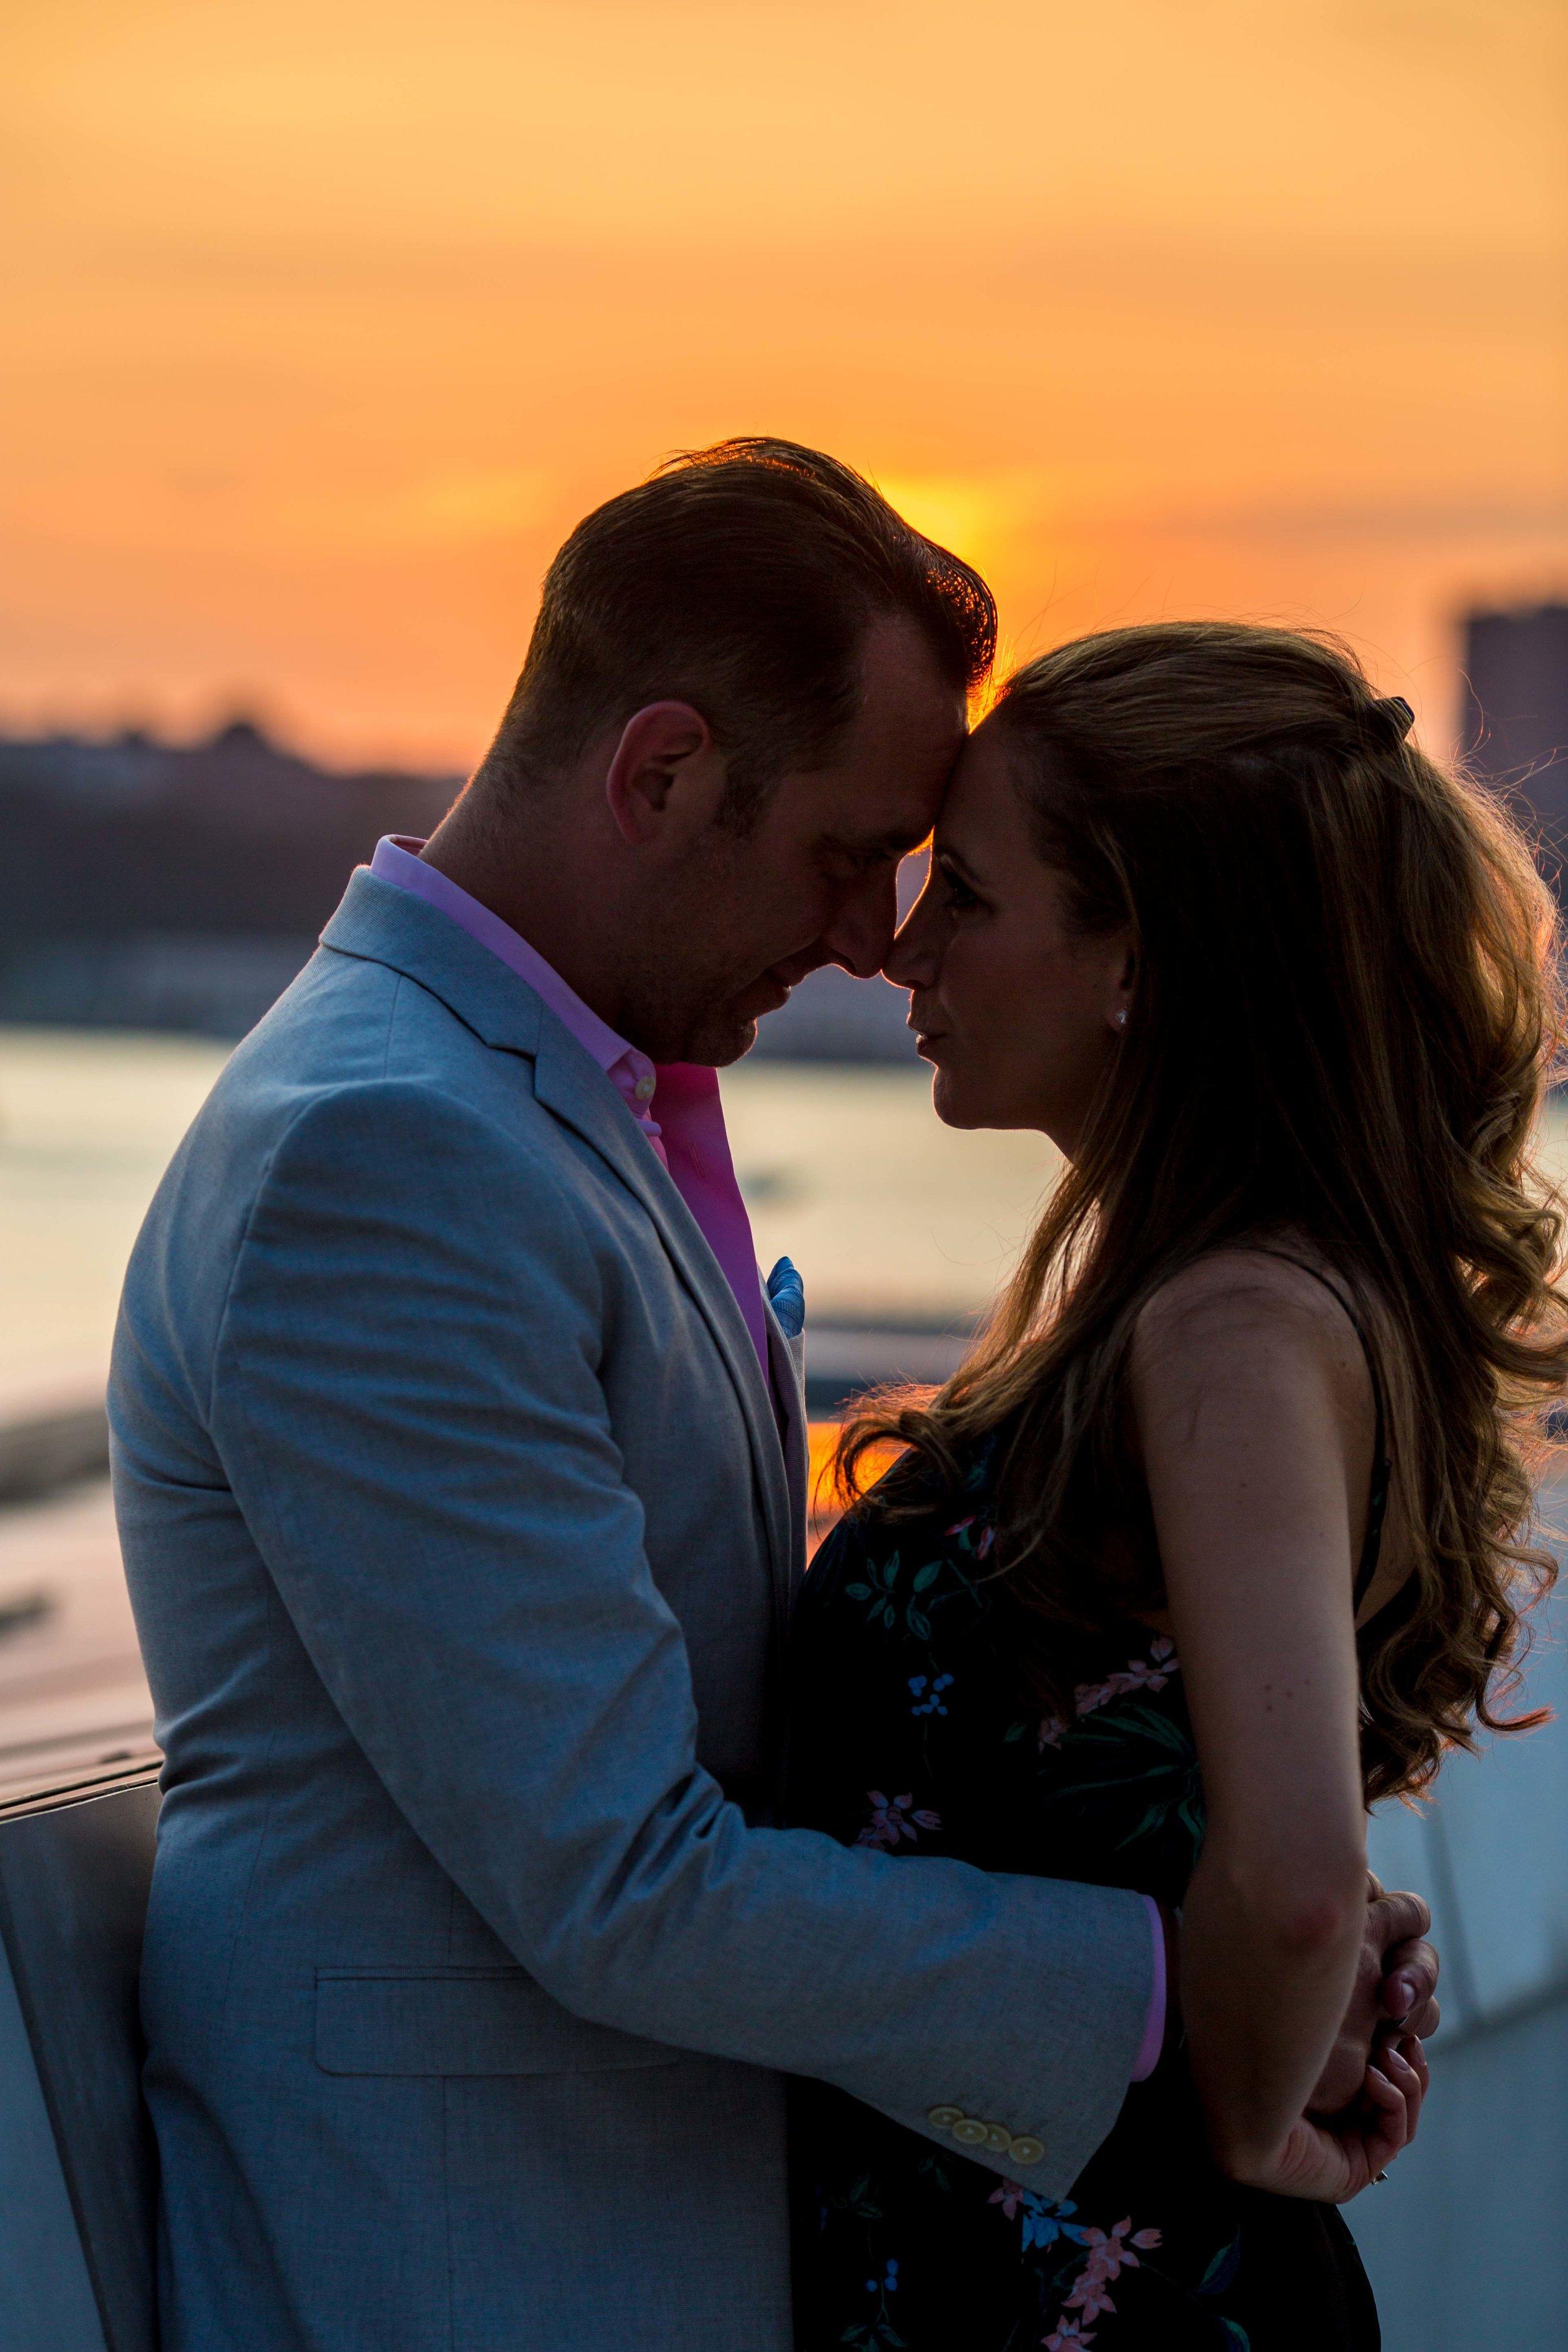 New York City Engagement Photo Shoot NYC_21.jpg